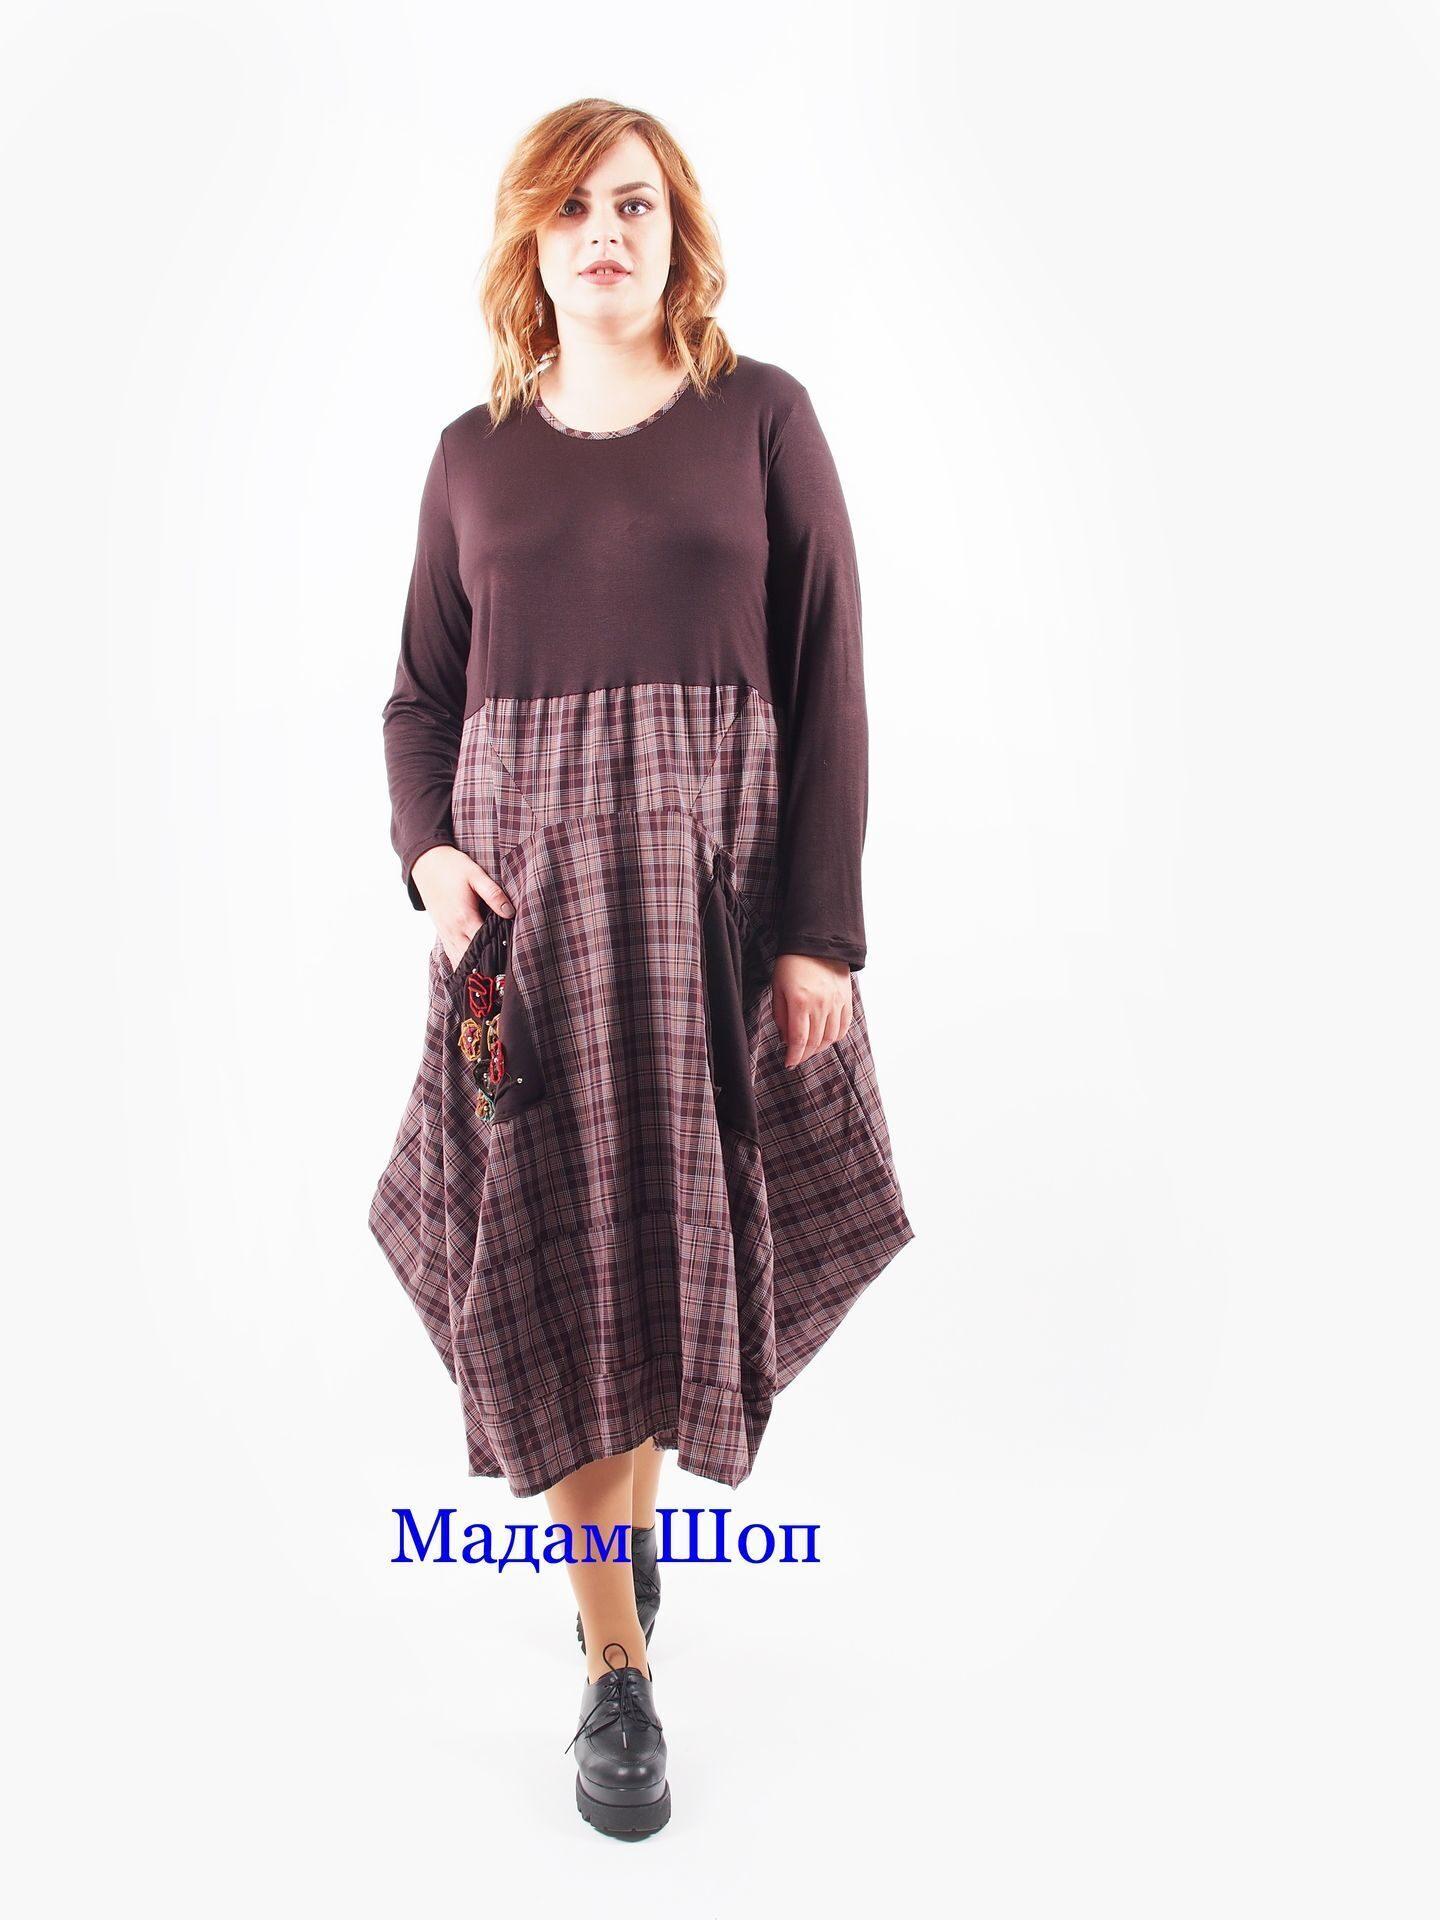 Платье в кофейно-коричневых тонах с завышенной талией и ромбовидной  геометрией юбки. Однотонный верх cbffe2b5cd8